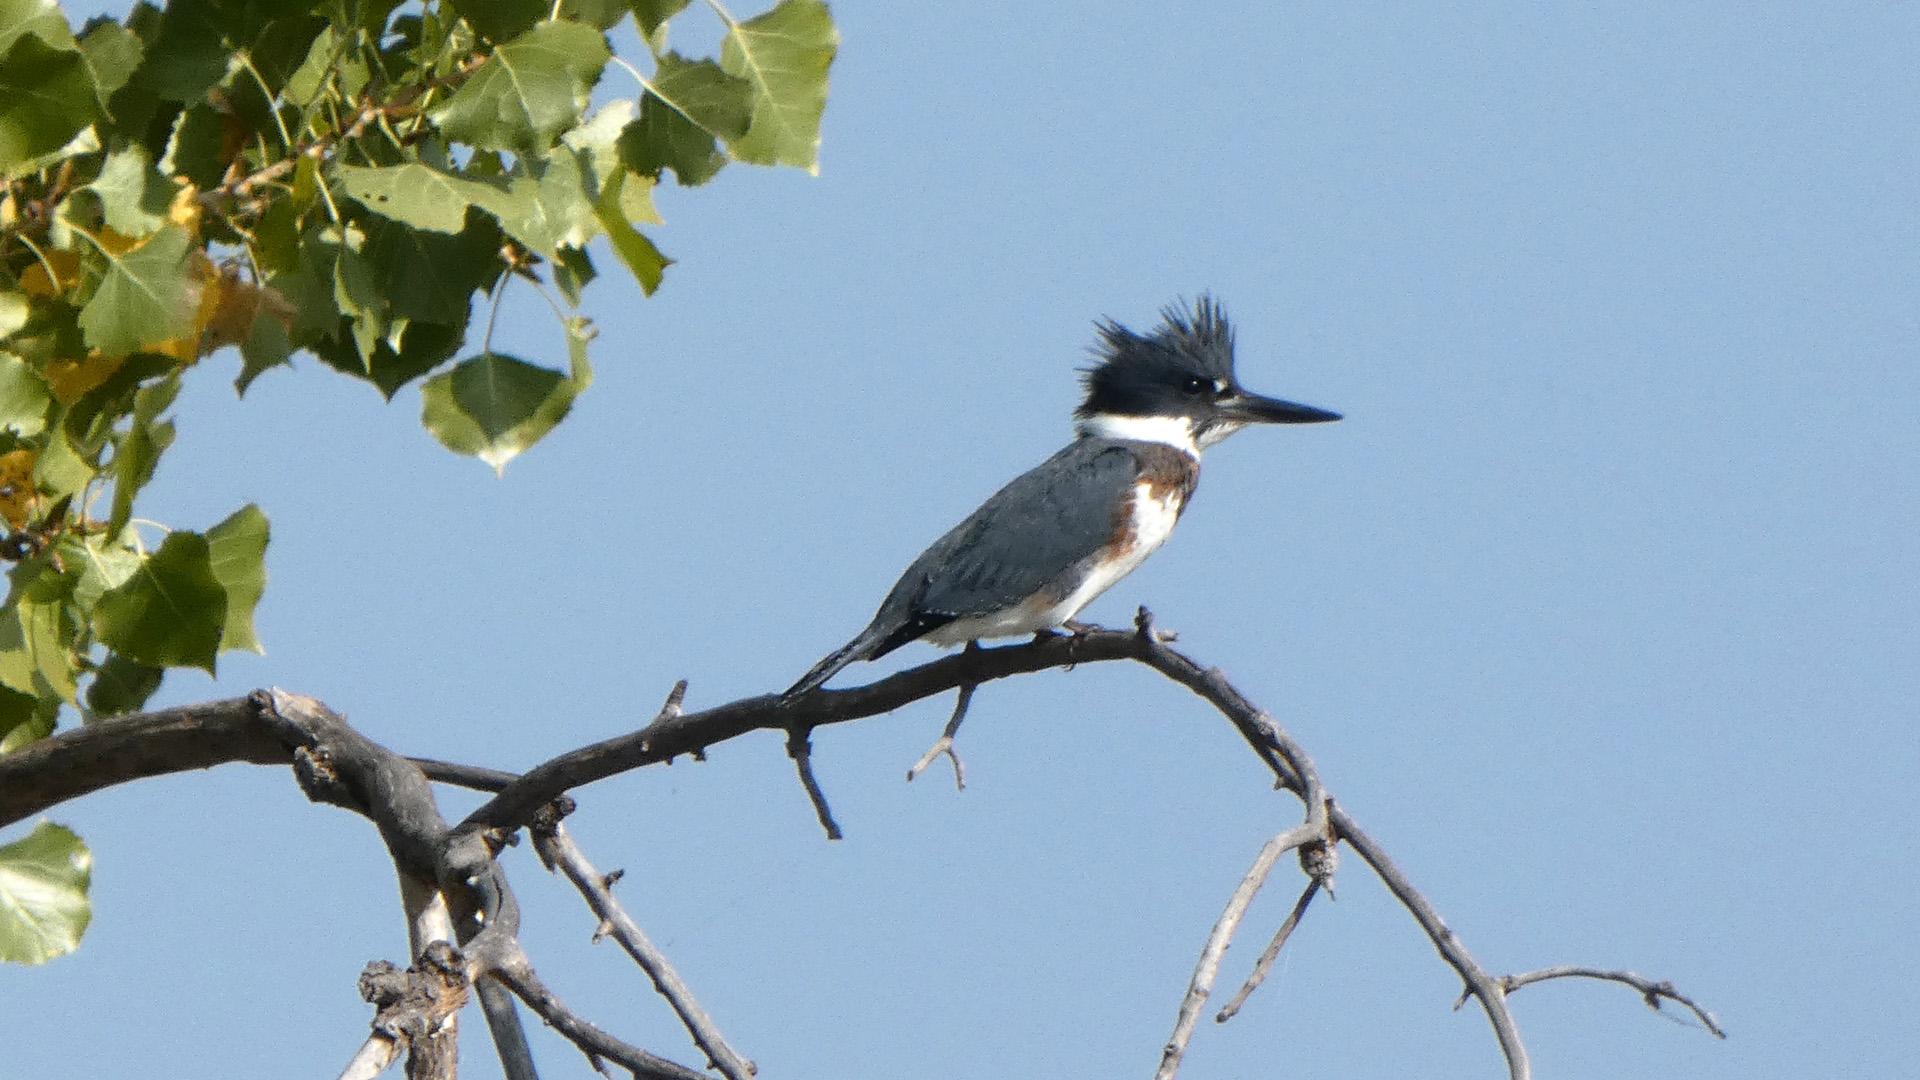 At pond, Rio Grande Bosque, Albuquerque, September 2020